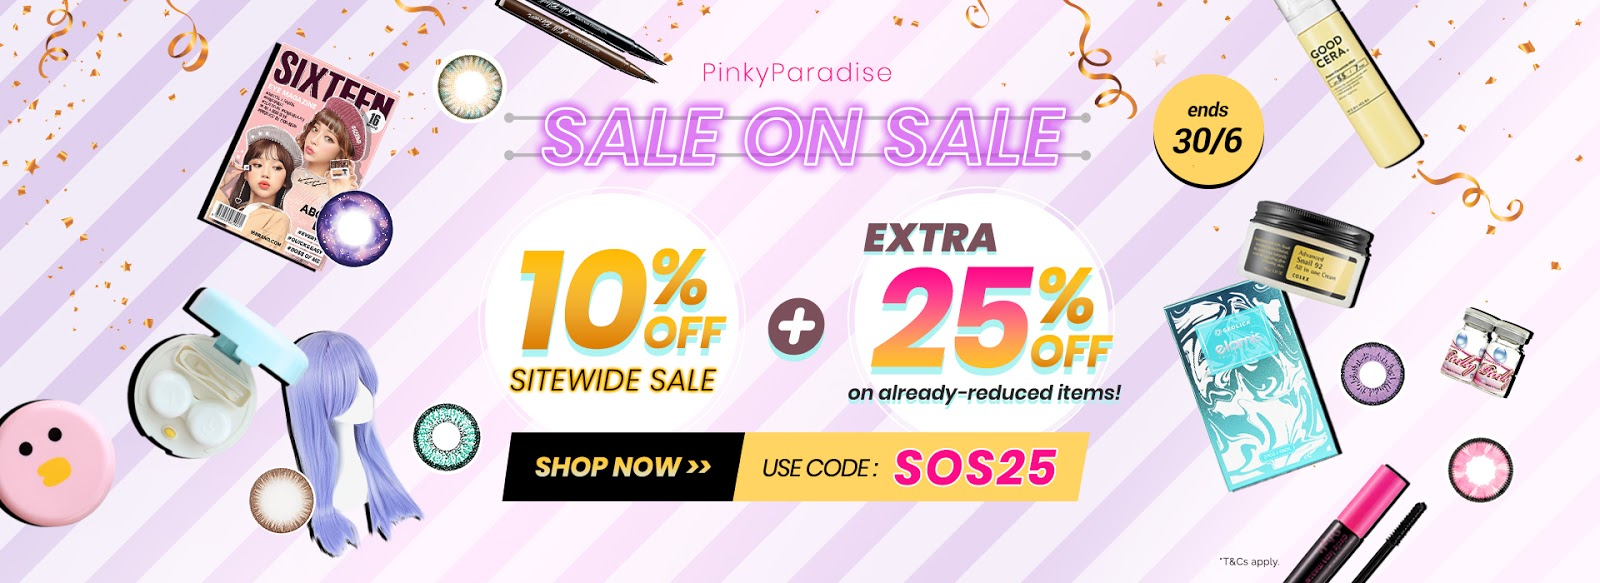 pinkyparadise sale on sale